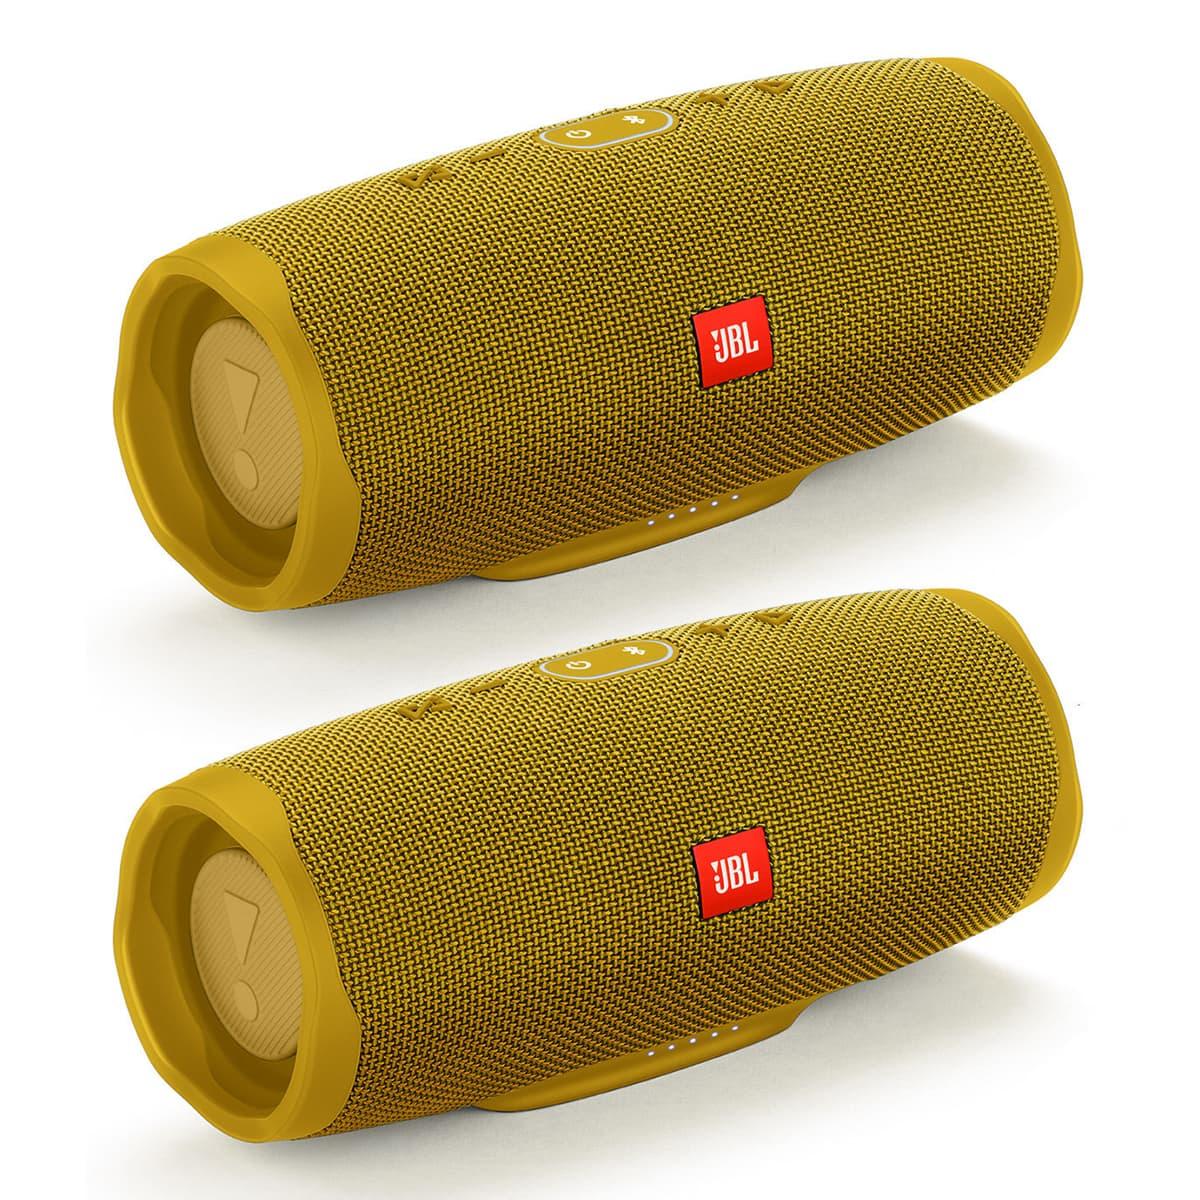 JBL Charge 4 Waterproof Portable Wireless Bluetooth Speaker Bundle - Pair (Yellow)